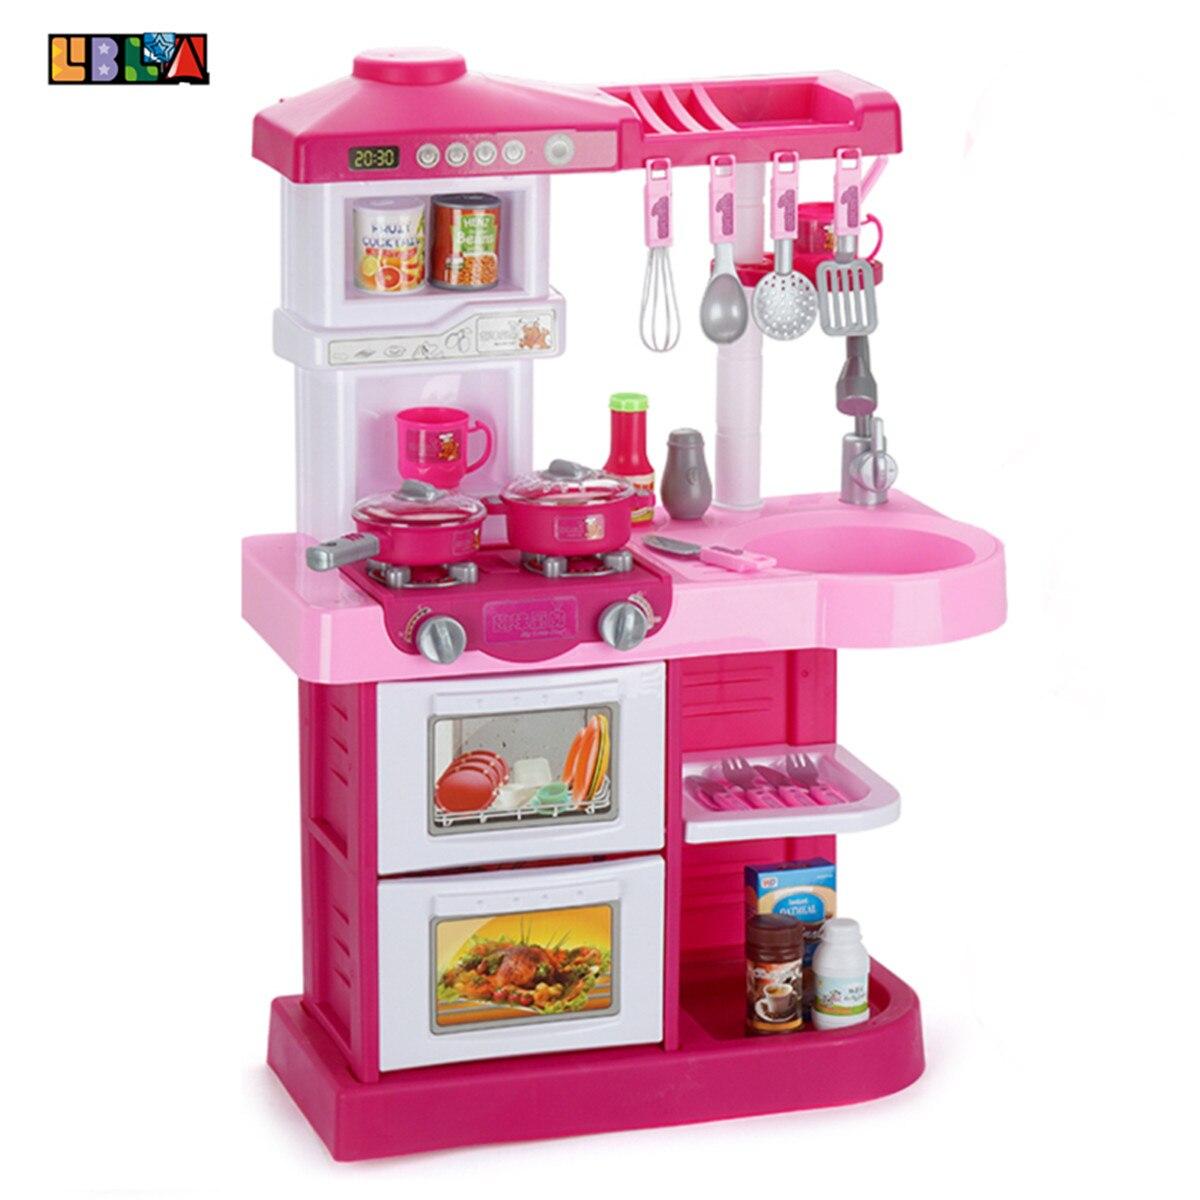 LBLA 35 pièces Enfants maison de jeu Jouer à Faire Semblant services de table Jouets Cuisine Cuisine Simulation Miniature jouets de cuisine Pour Enfants Cadeaux